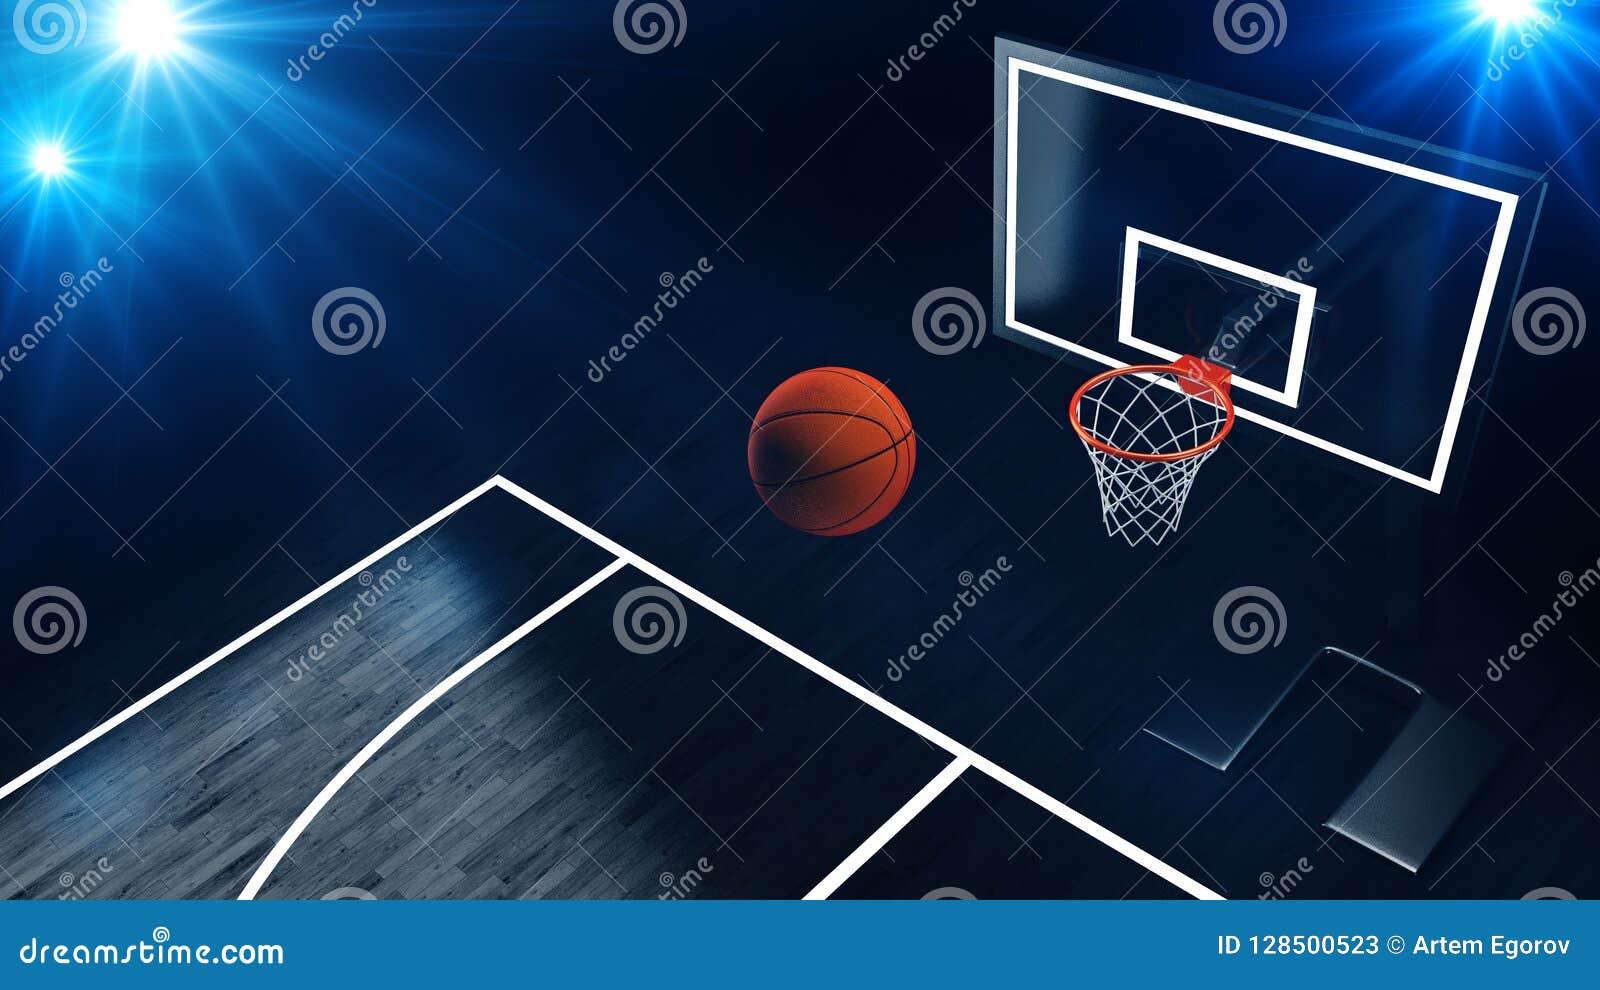 3D ilustracja koszykówka obręcz w fachowej koszykówki arenie